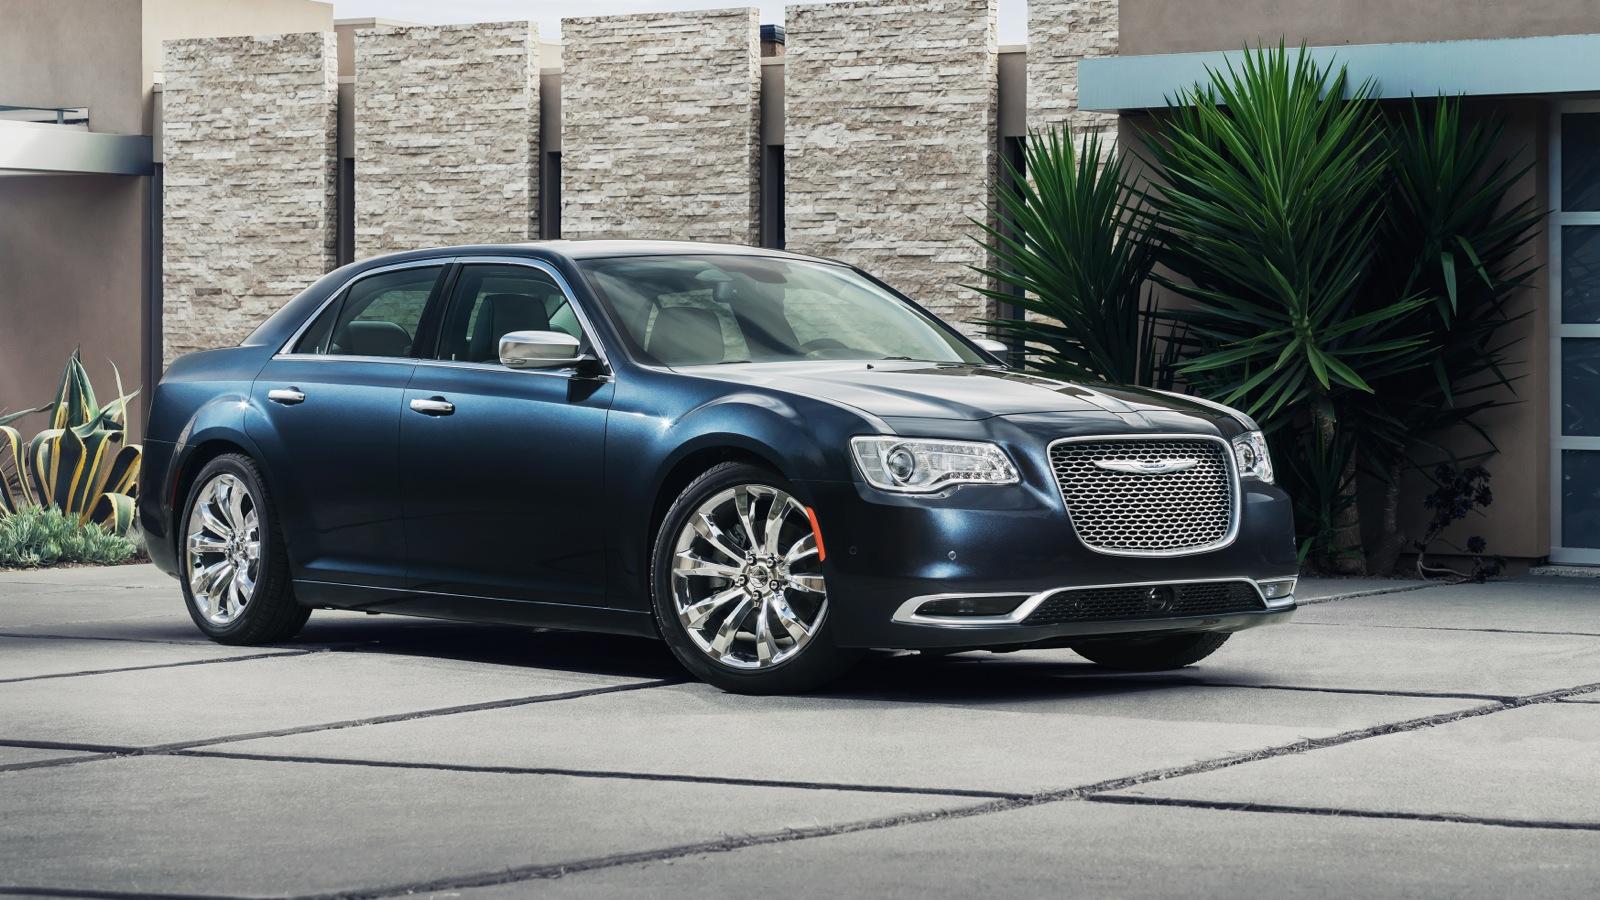 2015 Chrysler 300 Revealed